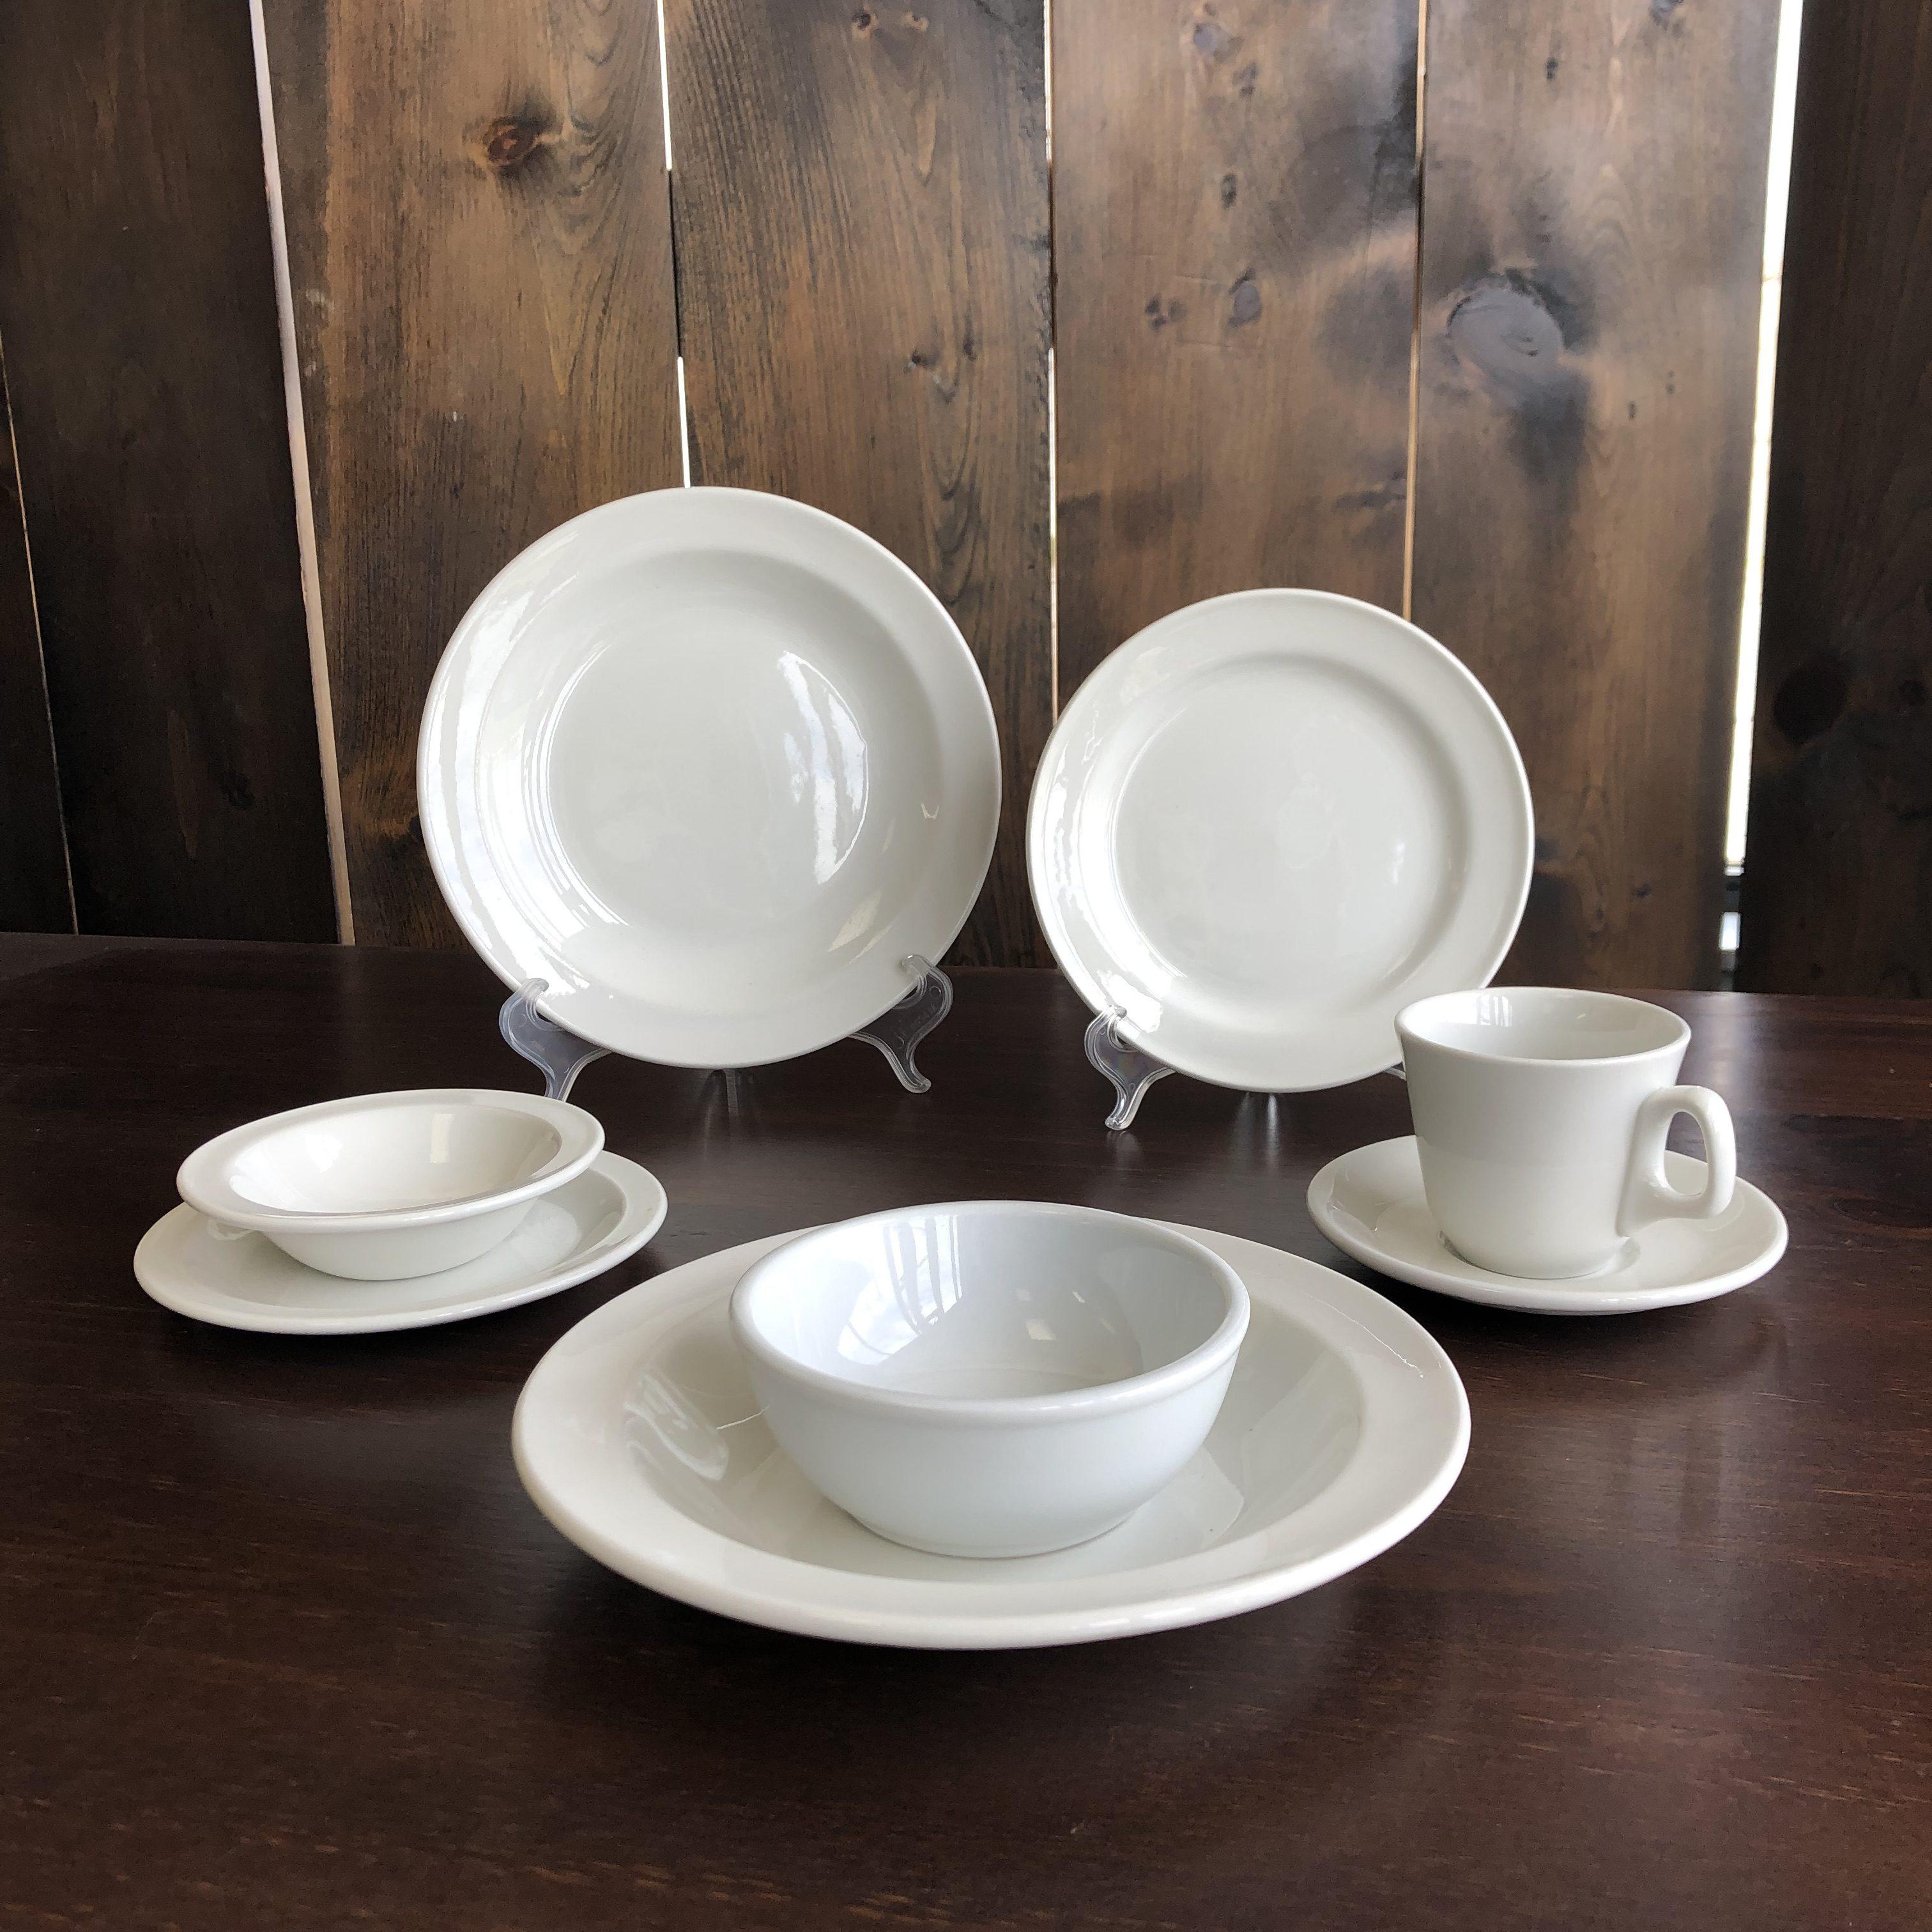 White Stoneware Dish Setting Image